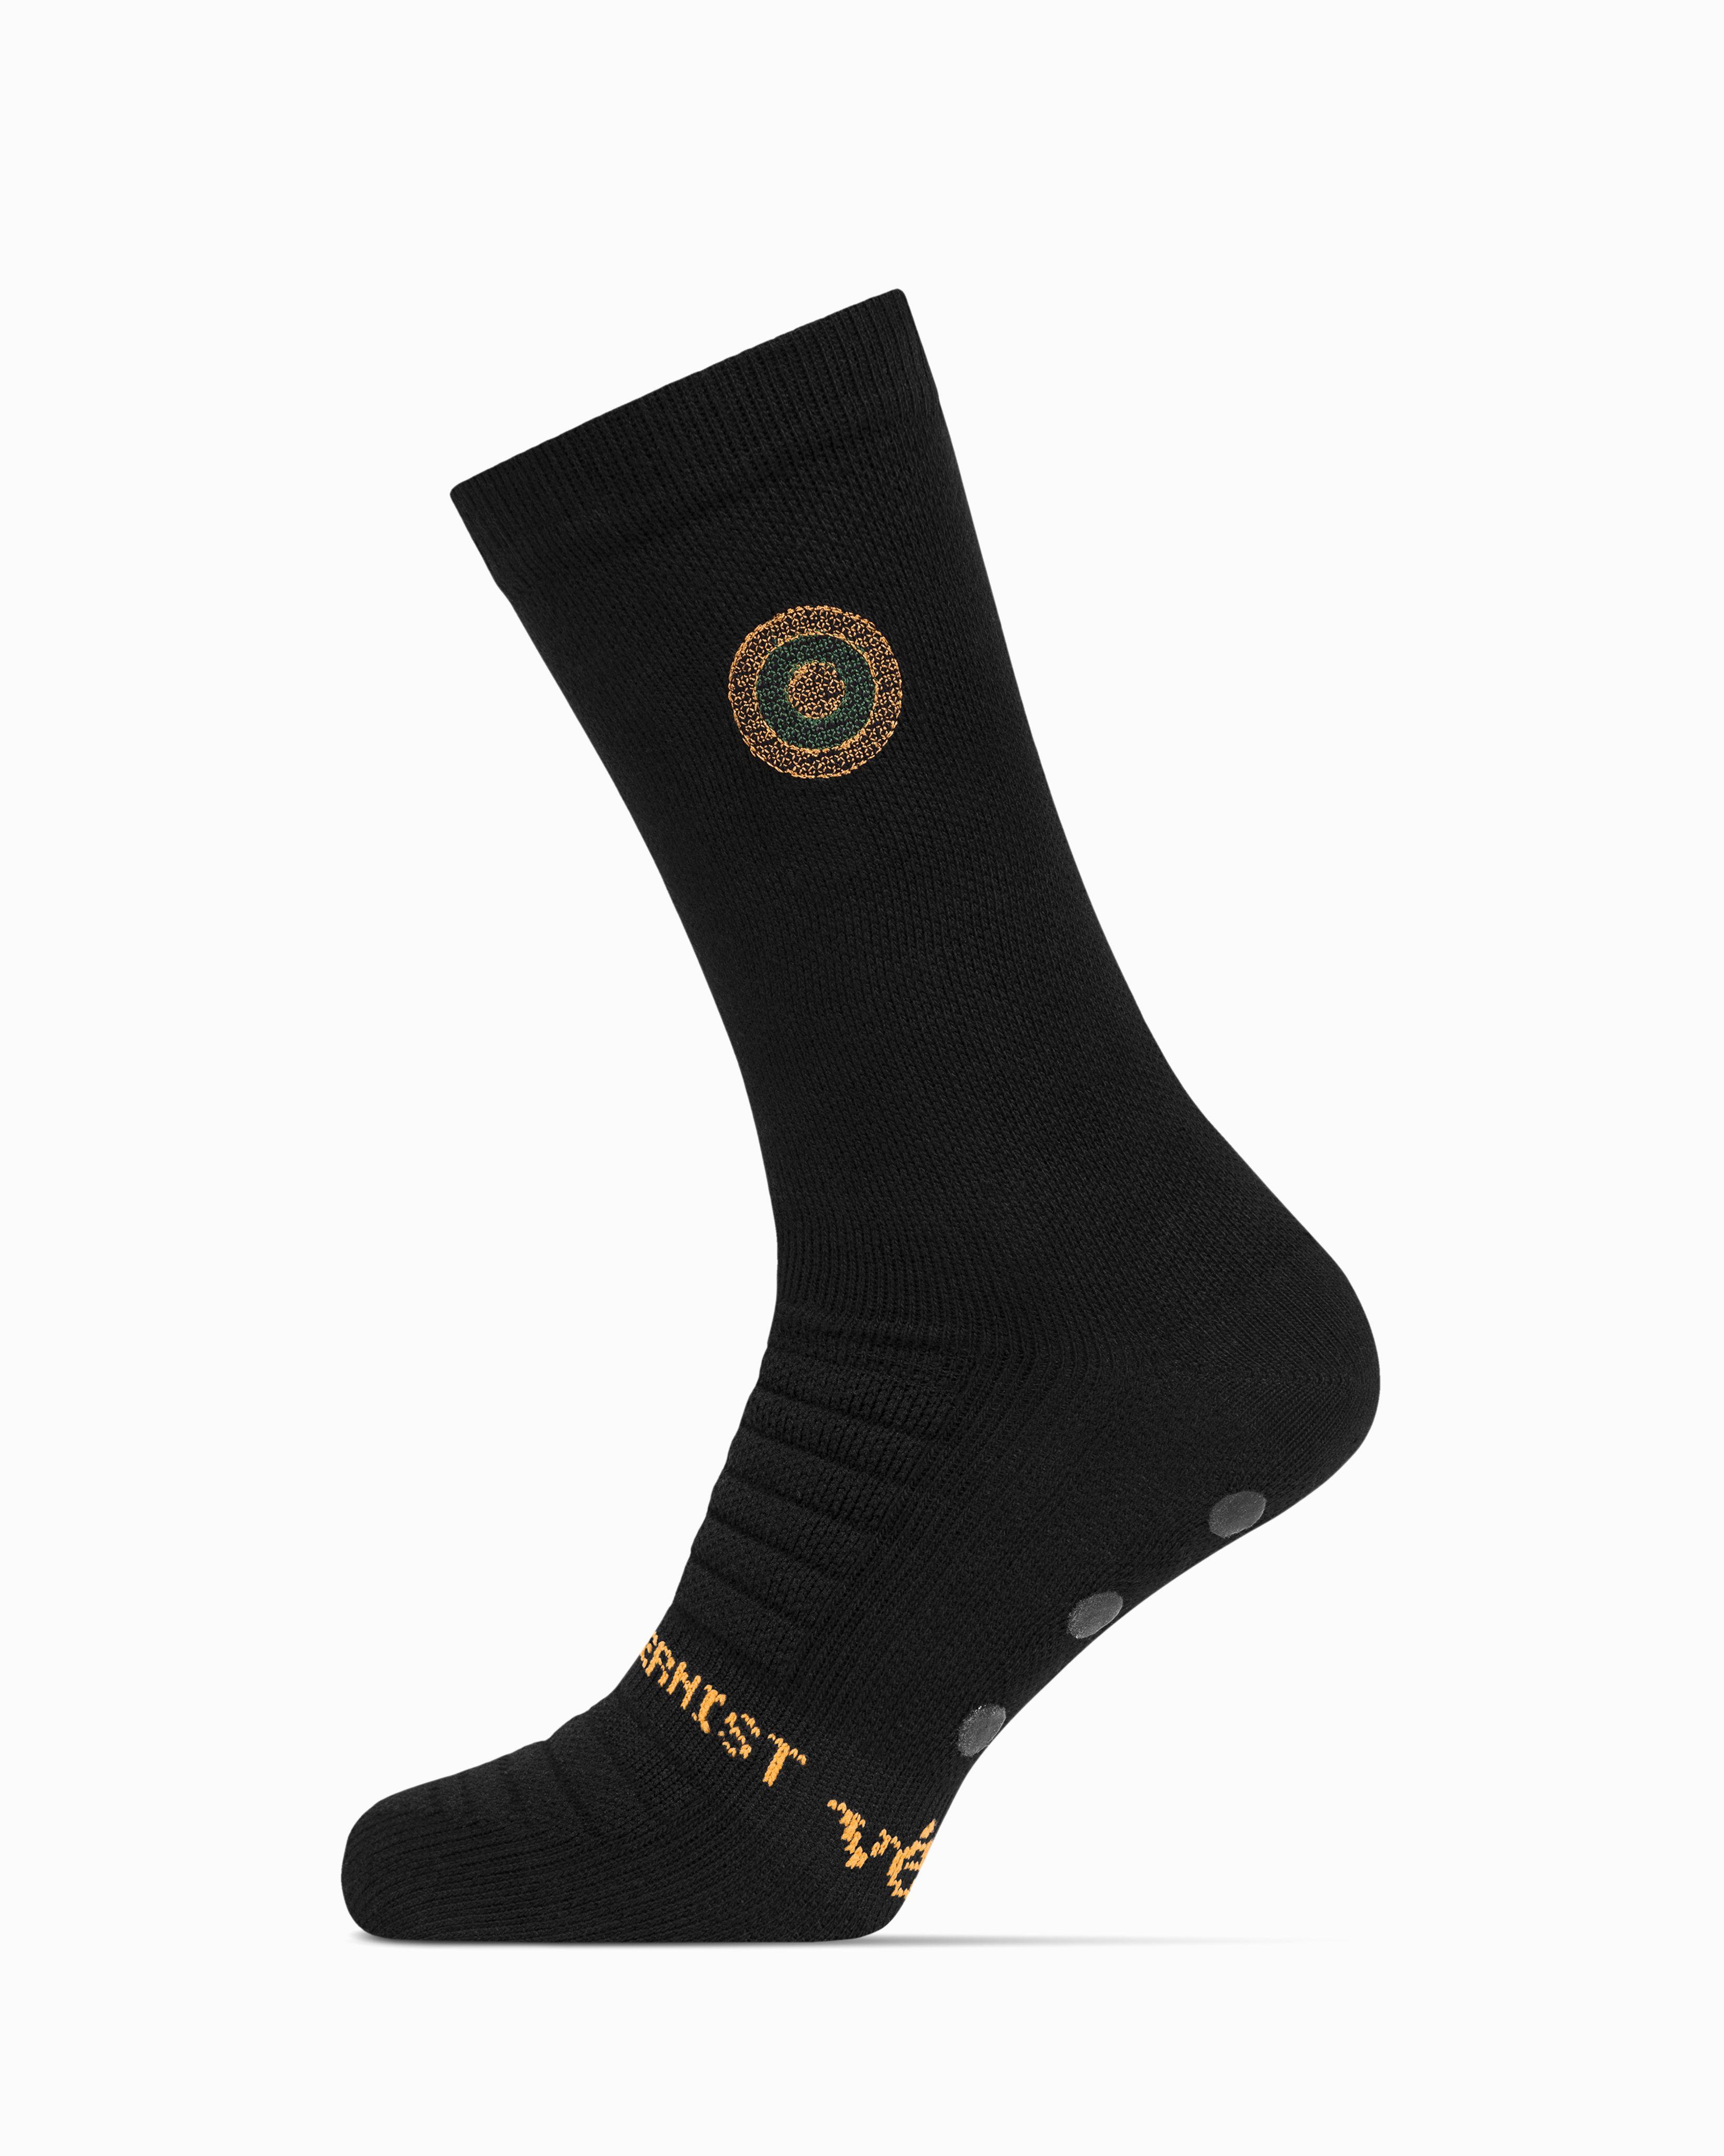 Modernist PremGripp Socks (Black/Parka)